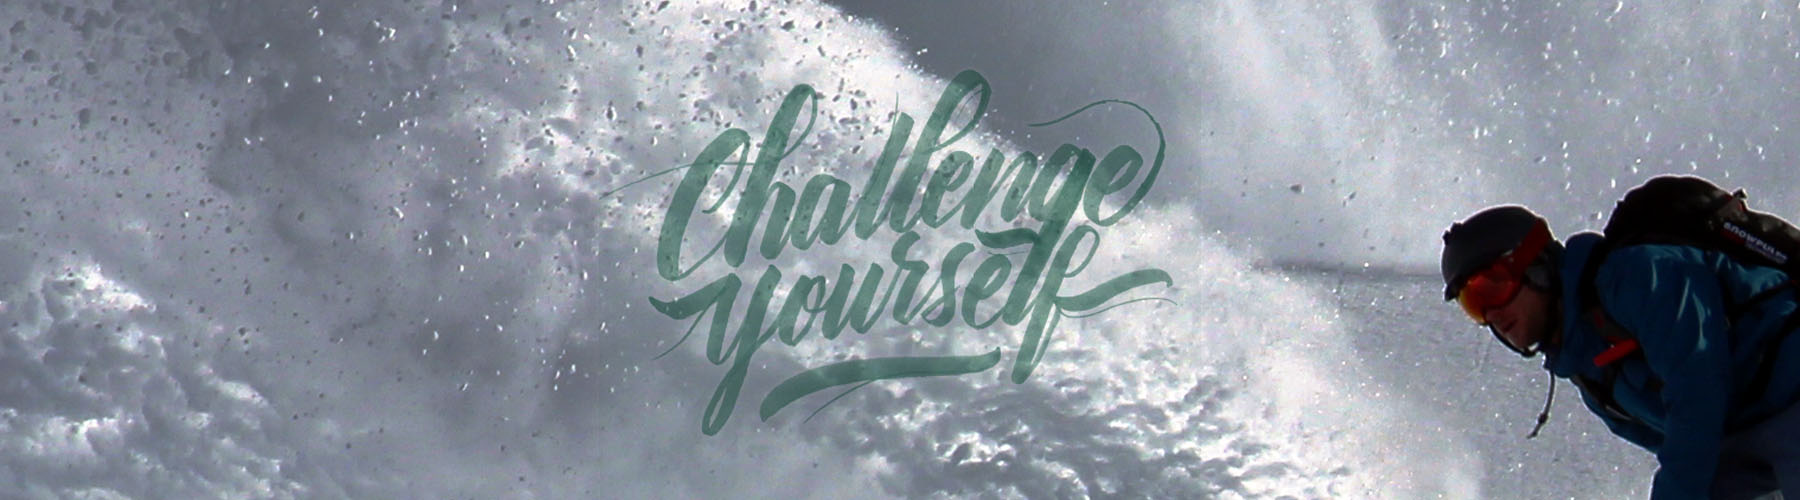 Challenge-YourselfArtboard-1.jpg